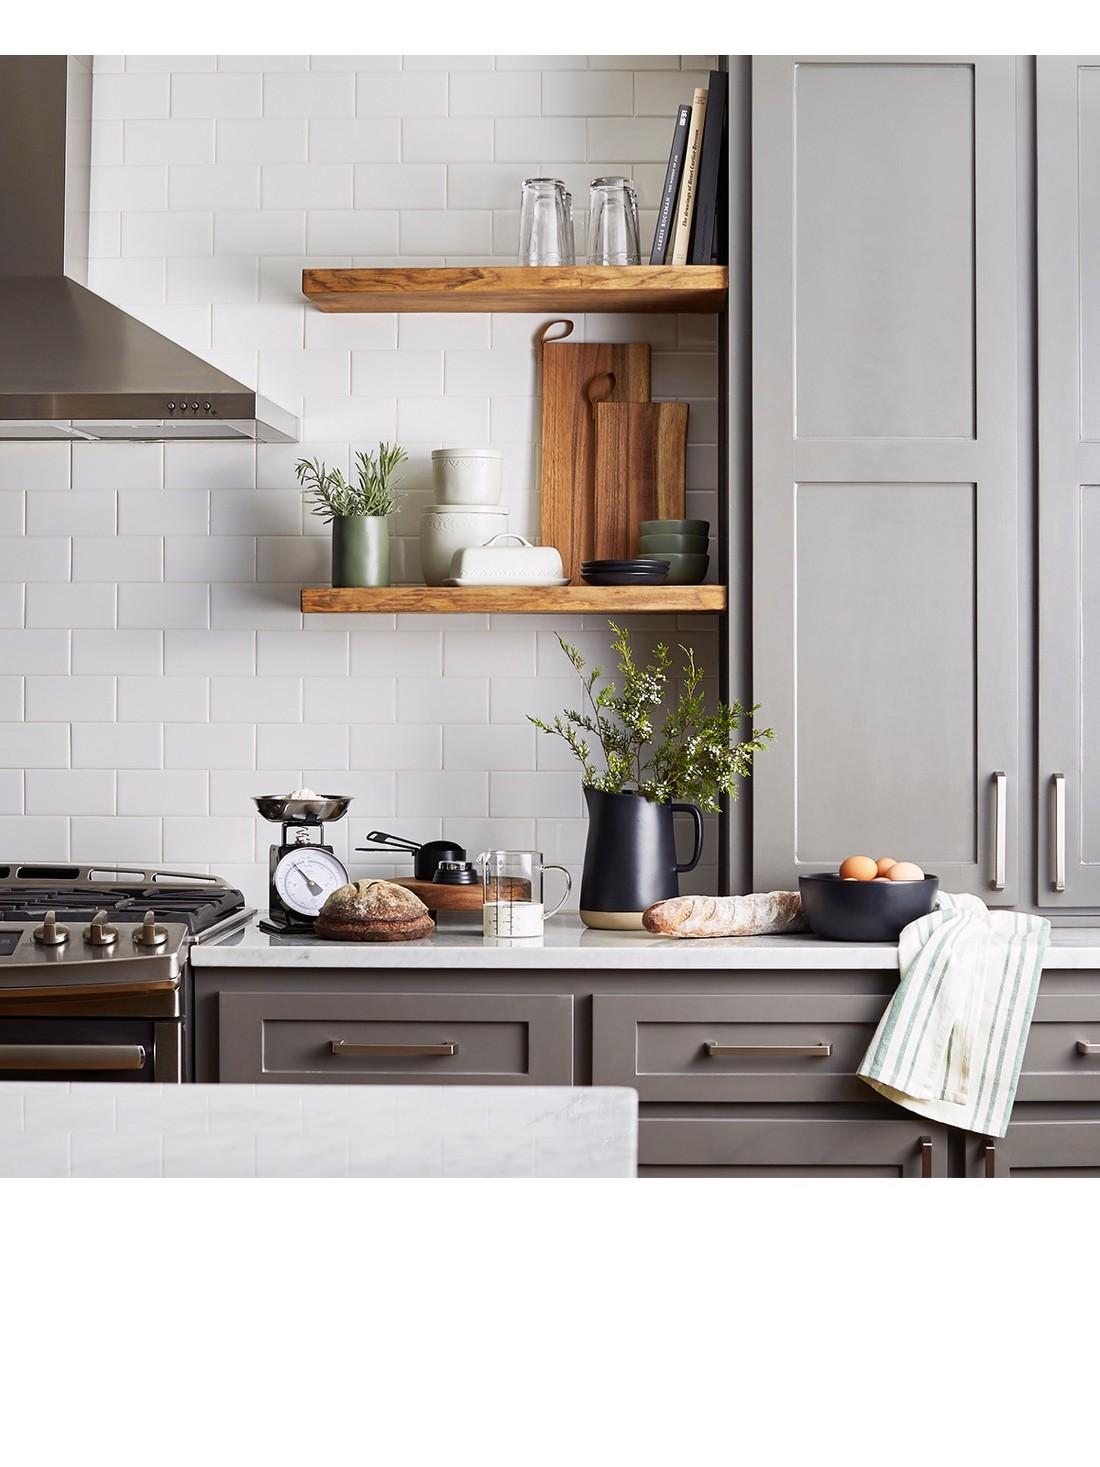 Image Result For Modern Home Decor Target